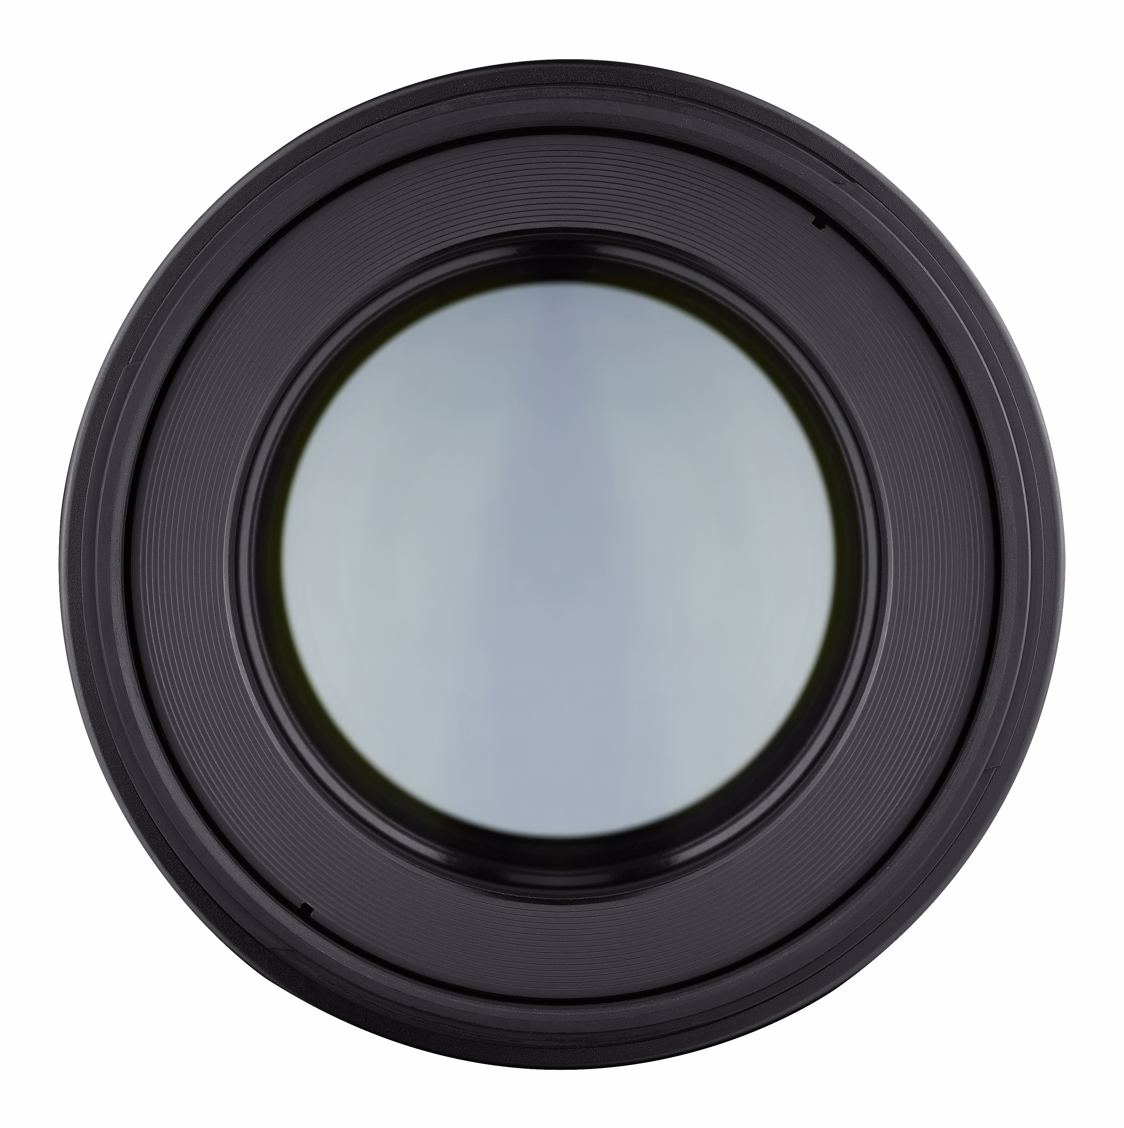 Samyang AF 85mm f/1.4 Canon EF